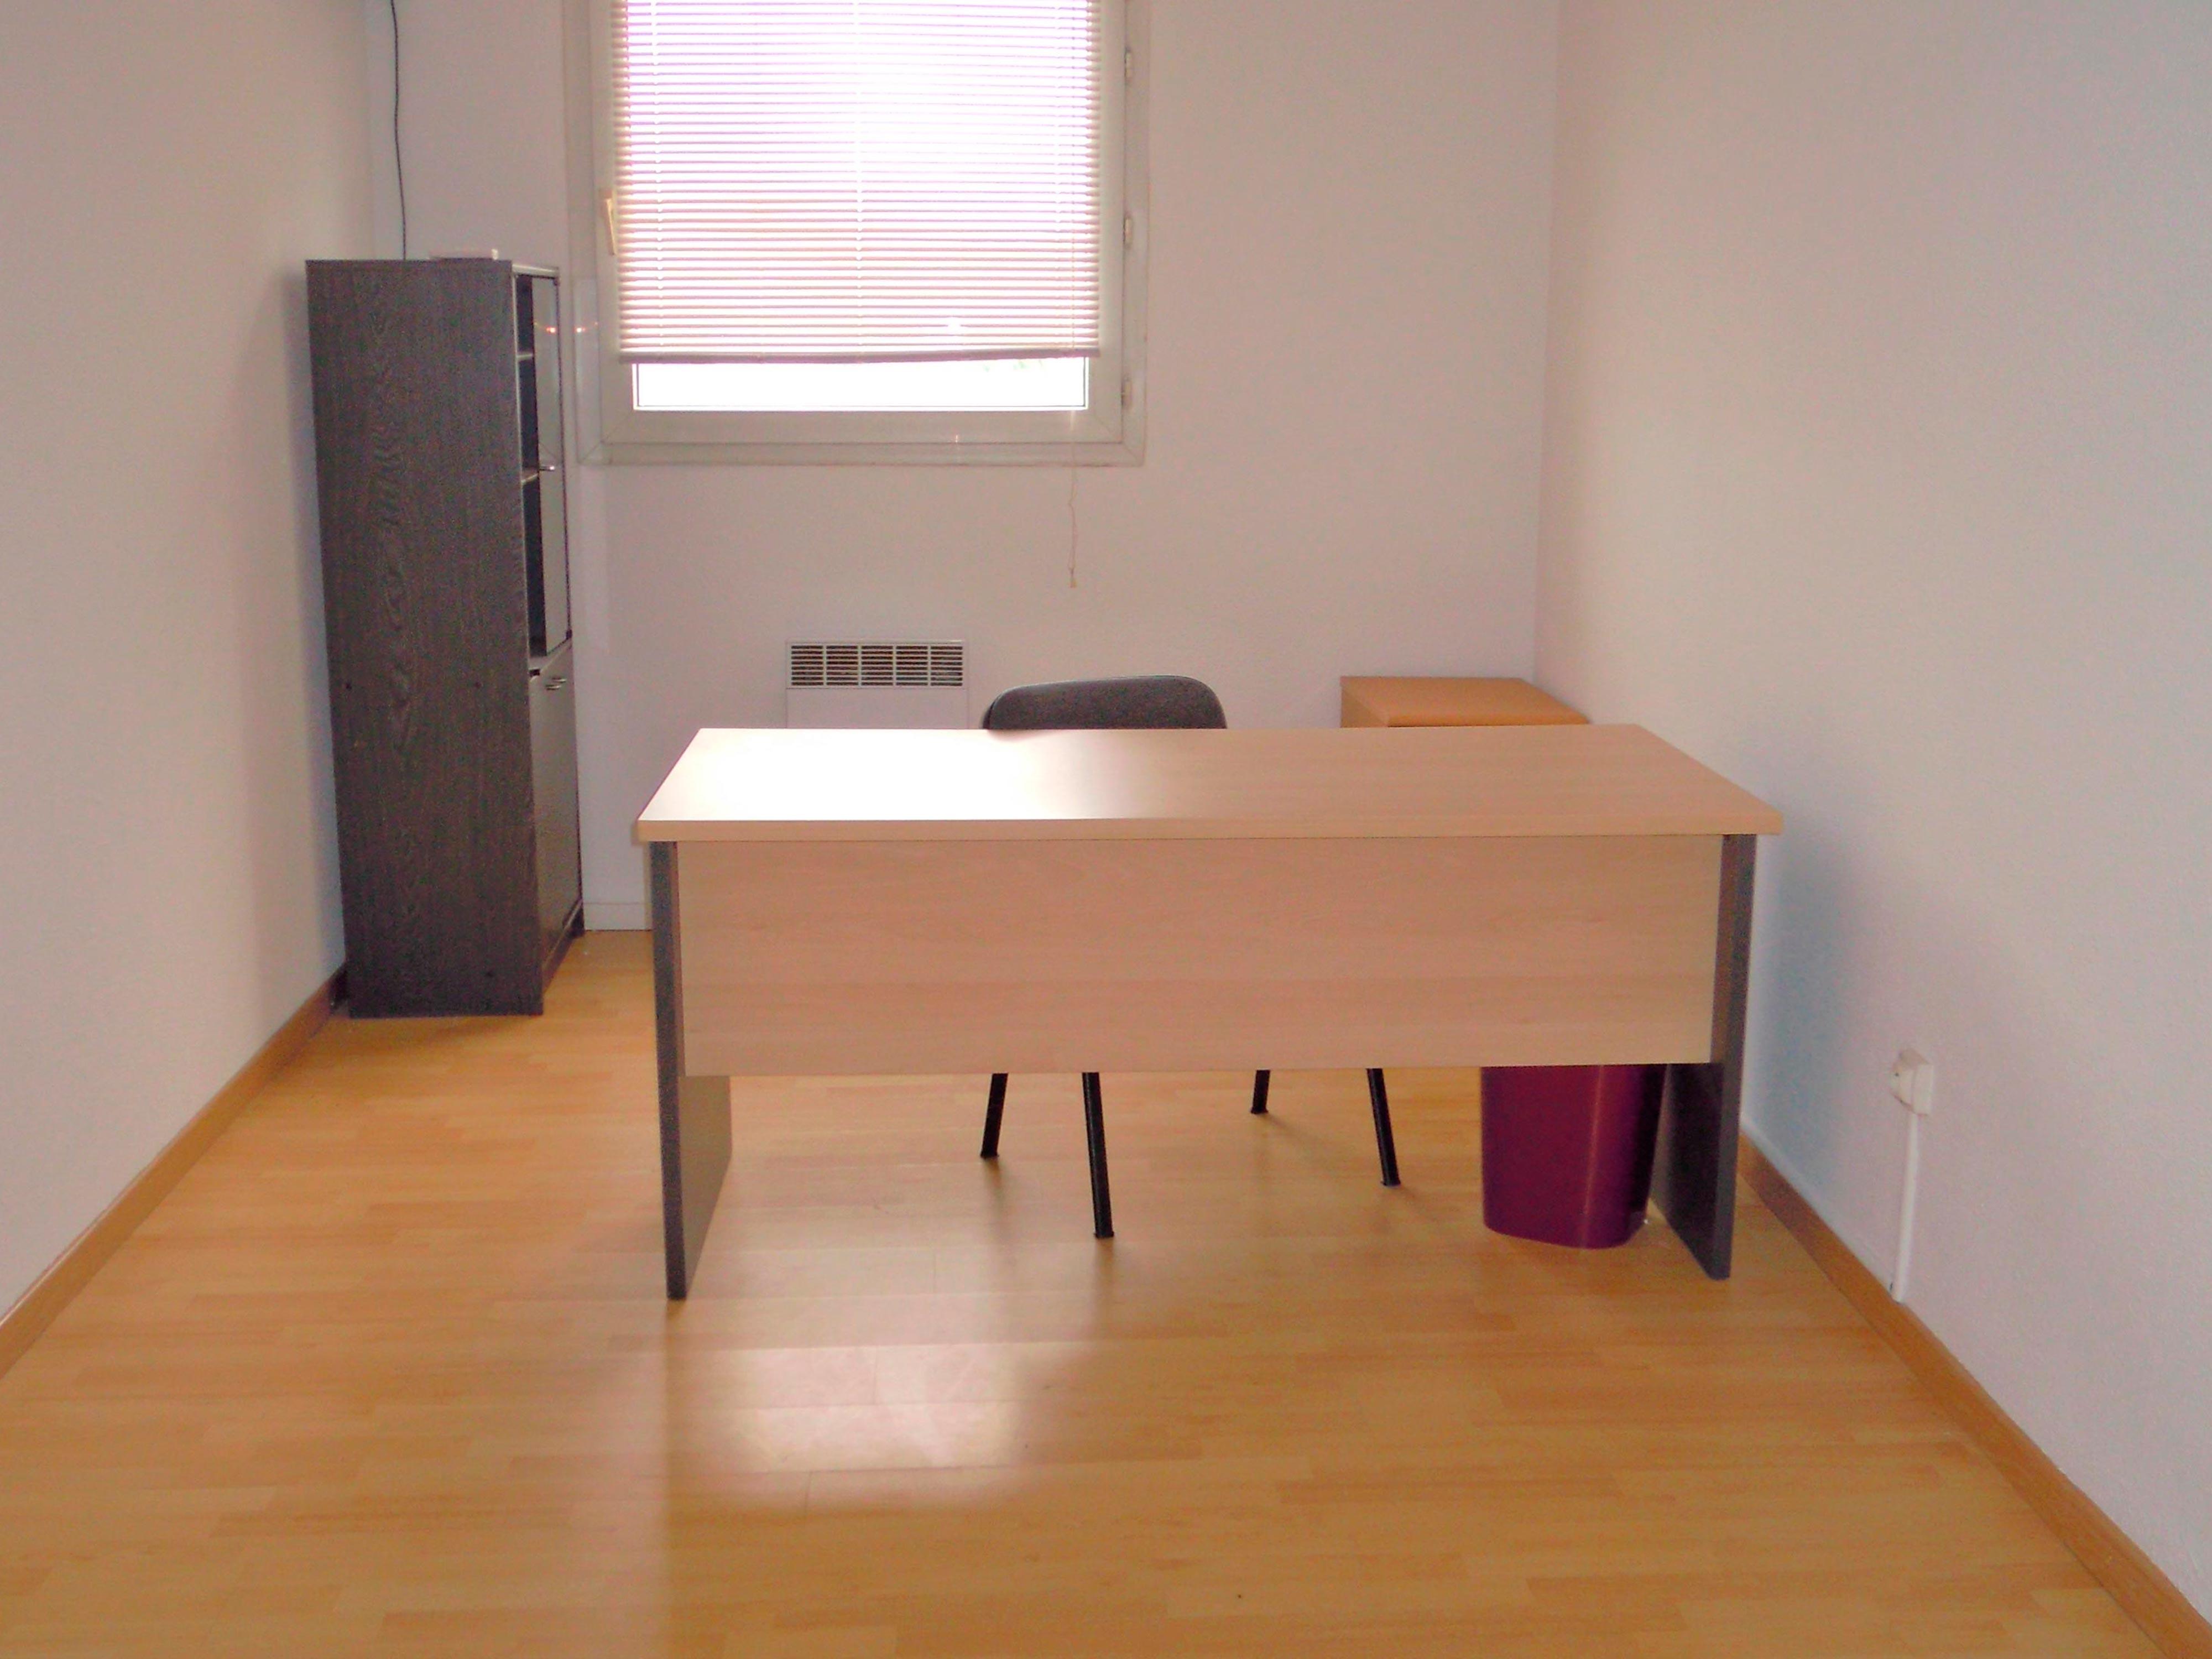 Location de bureaux Irigny Chaponost Oasis Entreprises